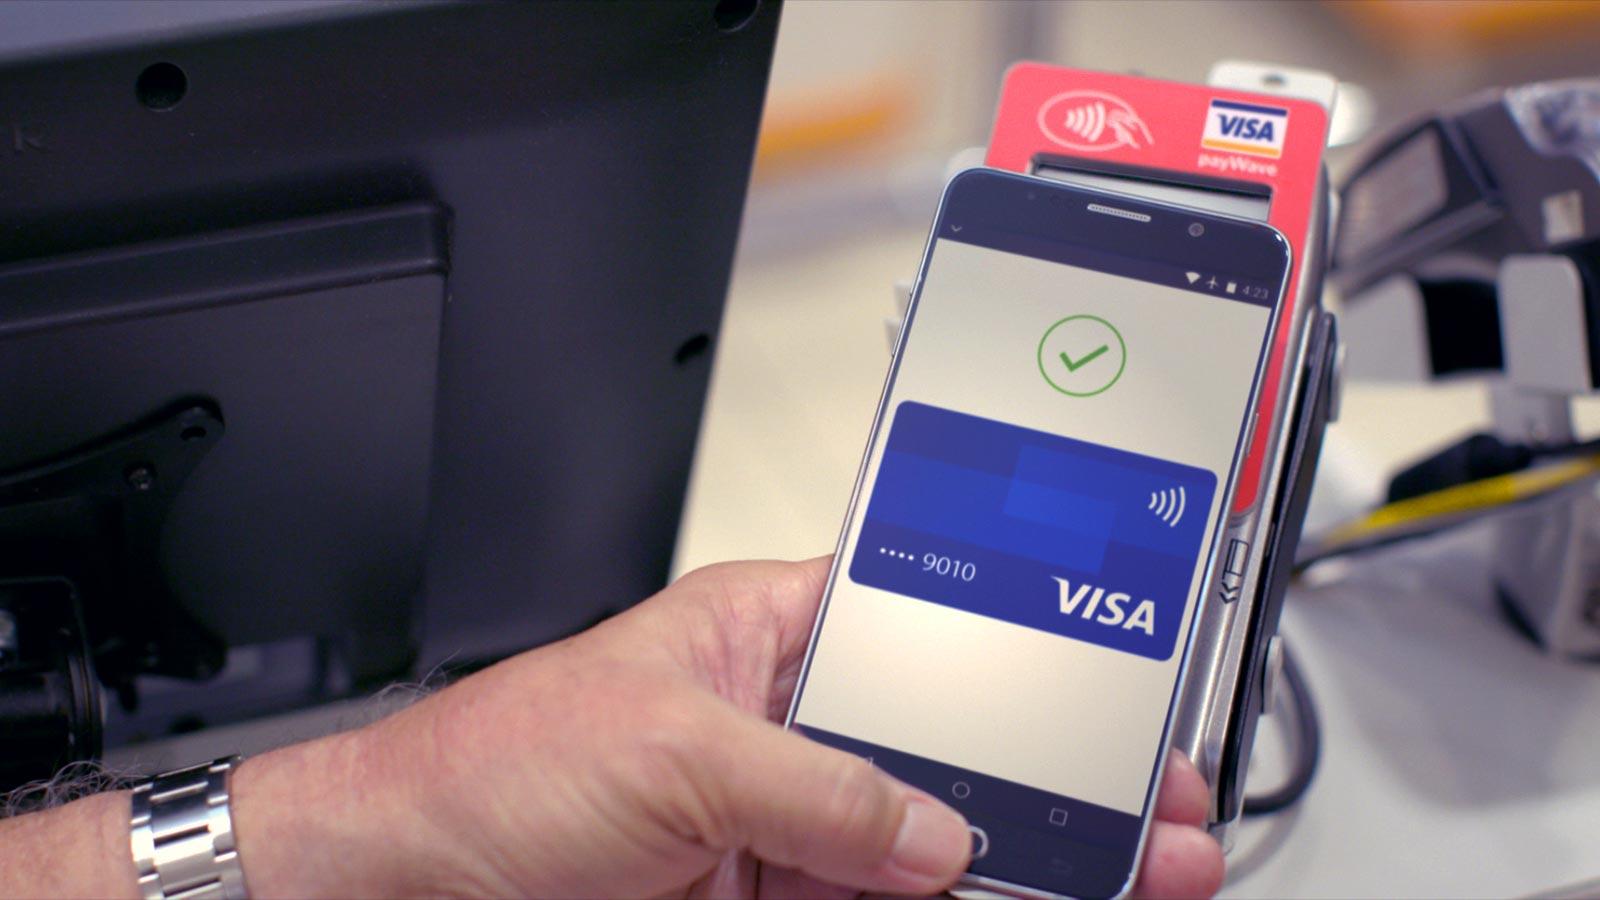 Prima ofrecerá a bancos y fintech la posibilidad de integrar pagos